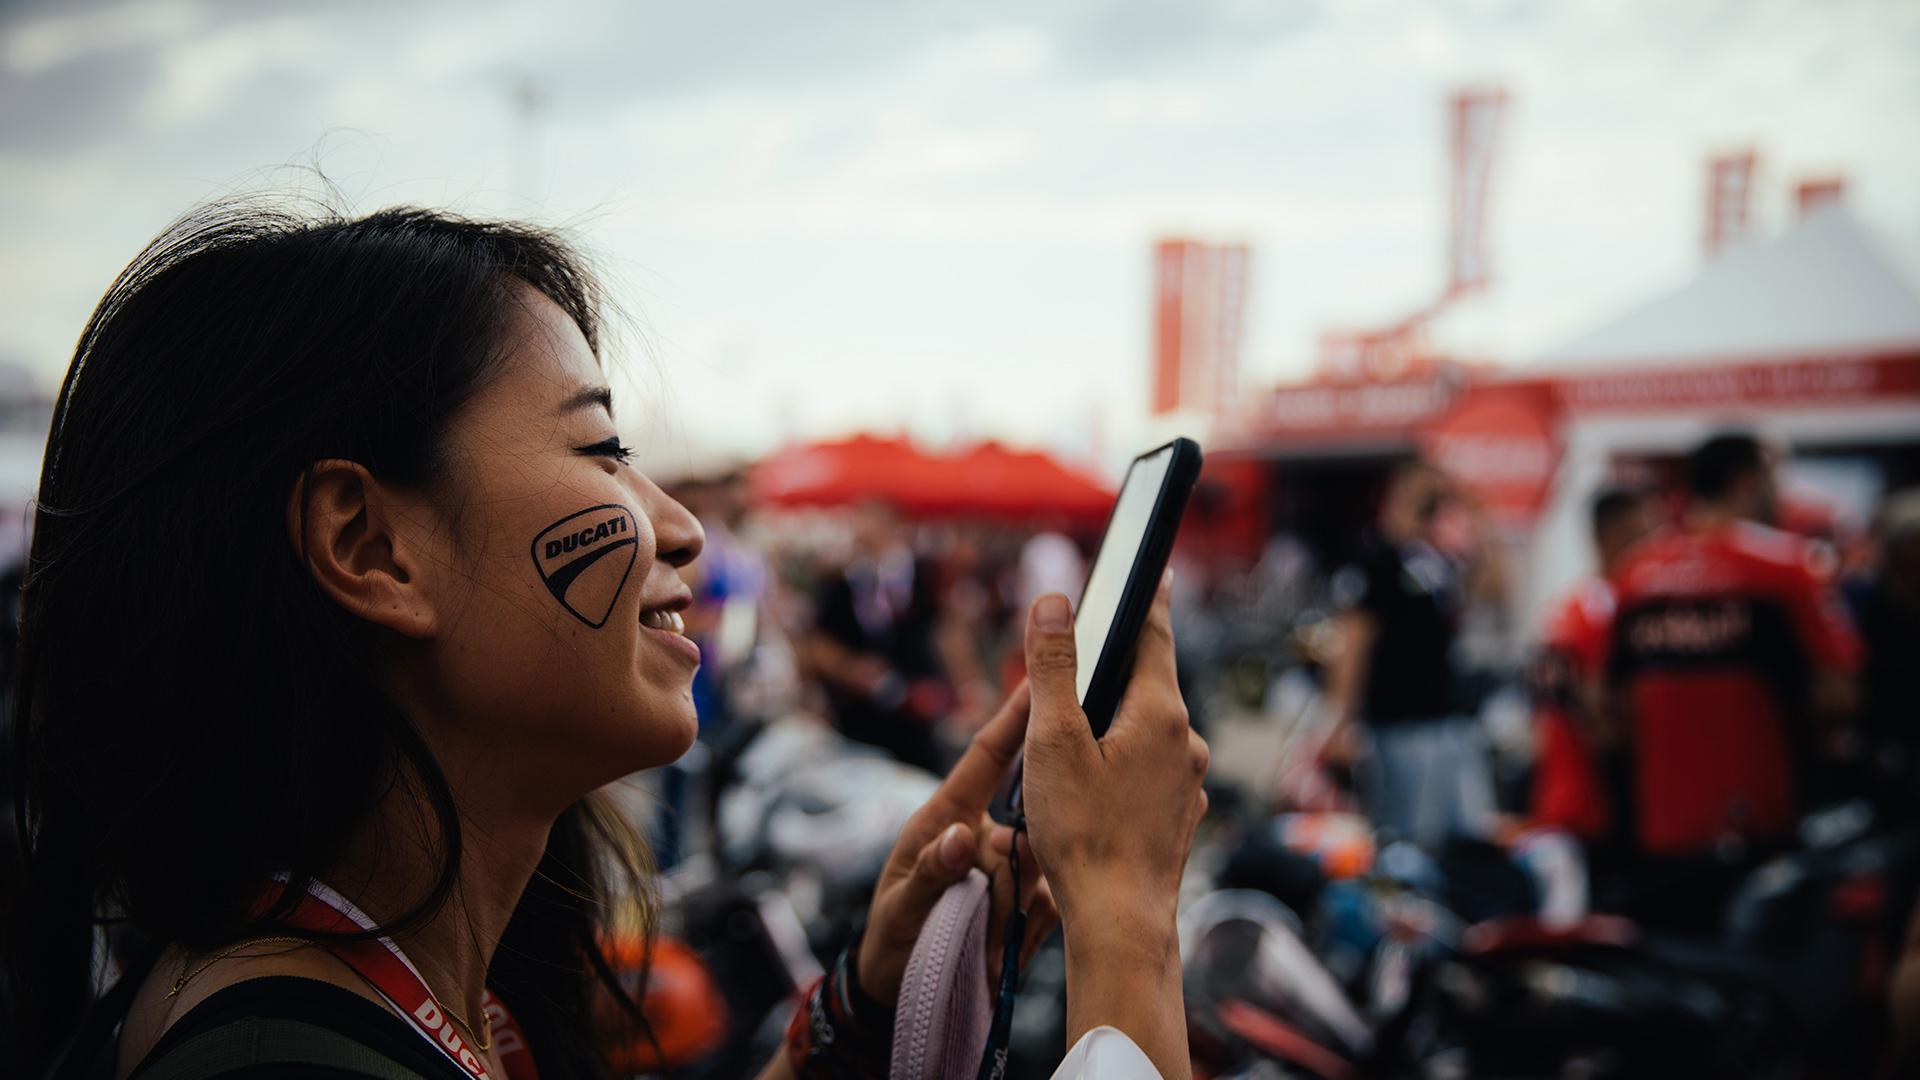 singlar på nätet smile thai spa